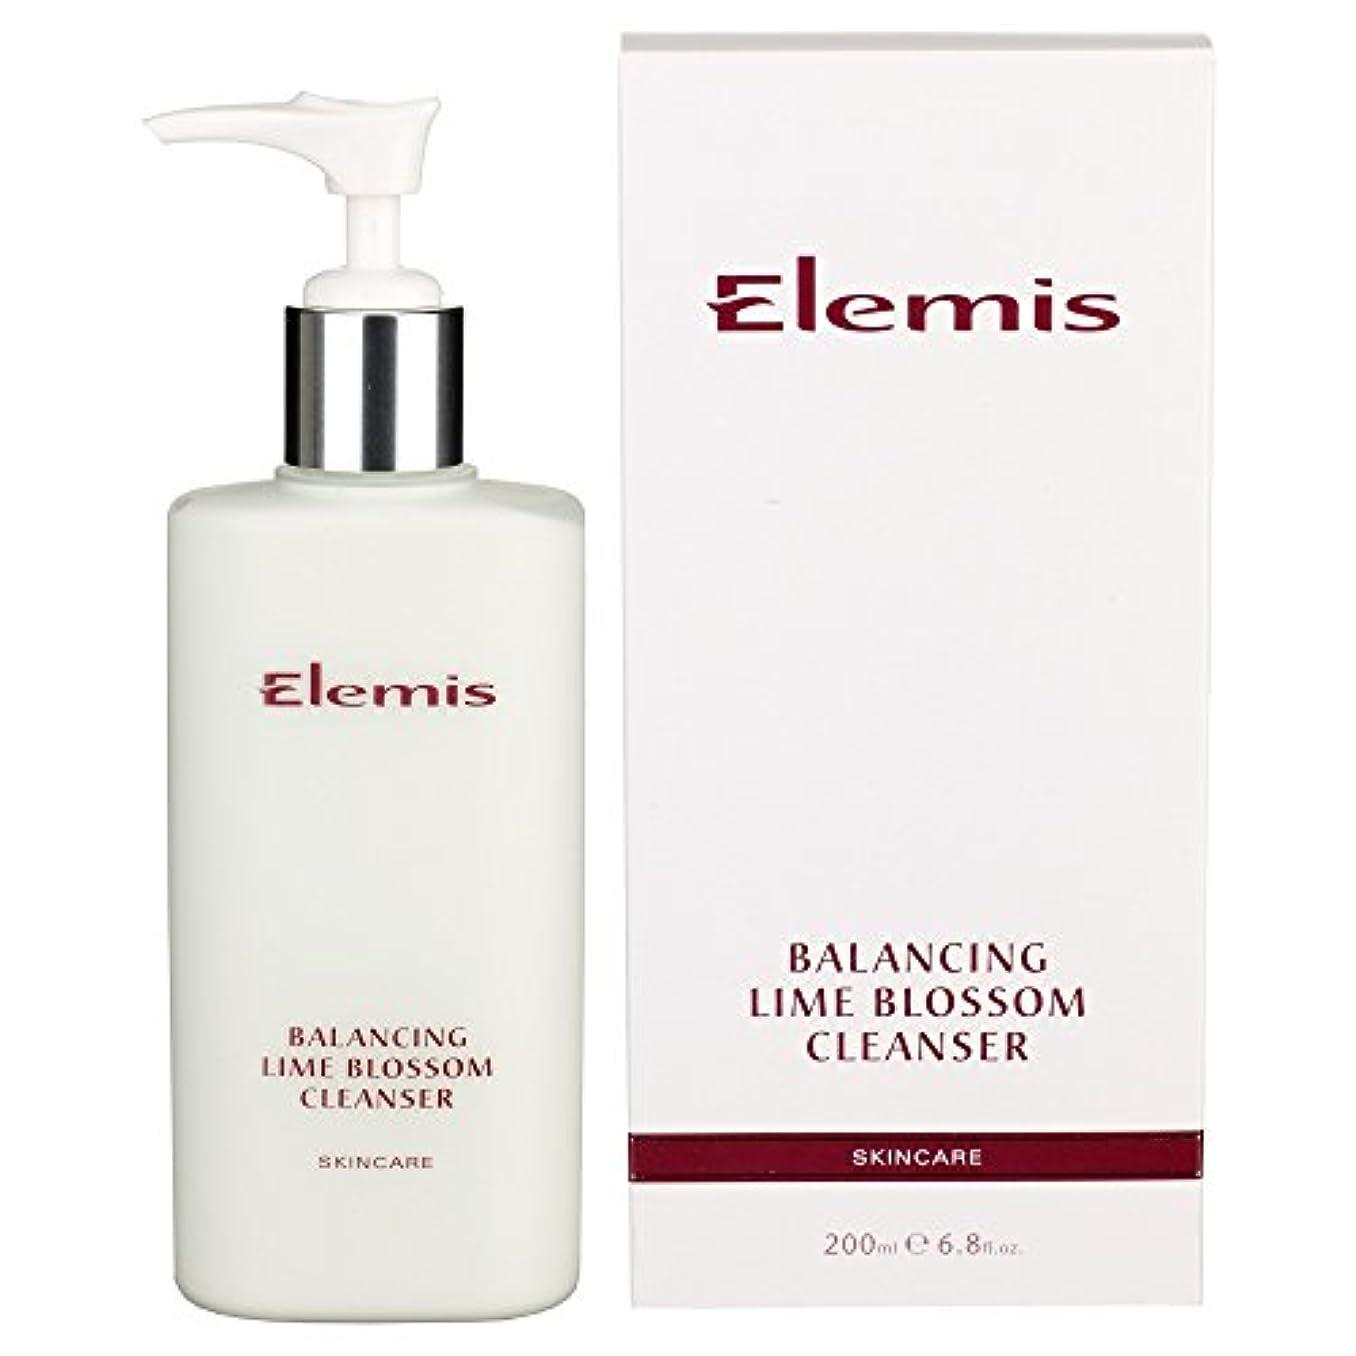 おじいちゃんスクラップブックエスカレートライムブロッサムクレンザーのバランスをとります (Elemis) - Balancing Lime Blossom Cleanser [並行輸入品]